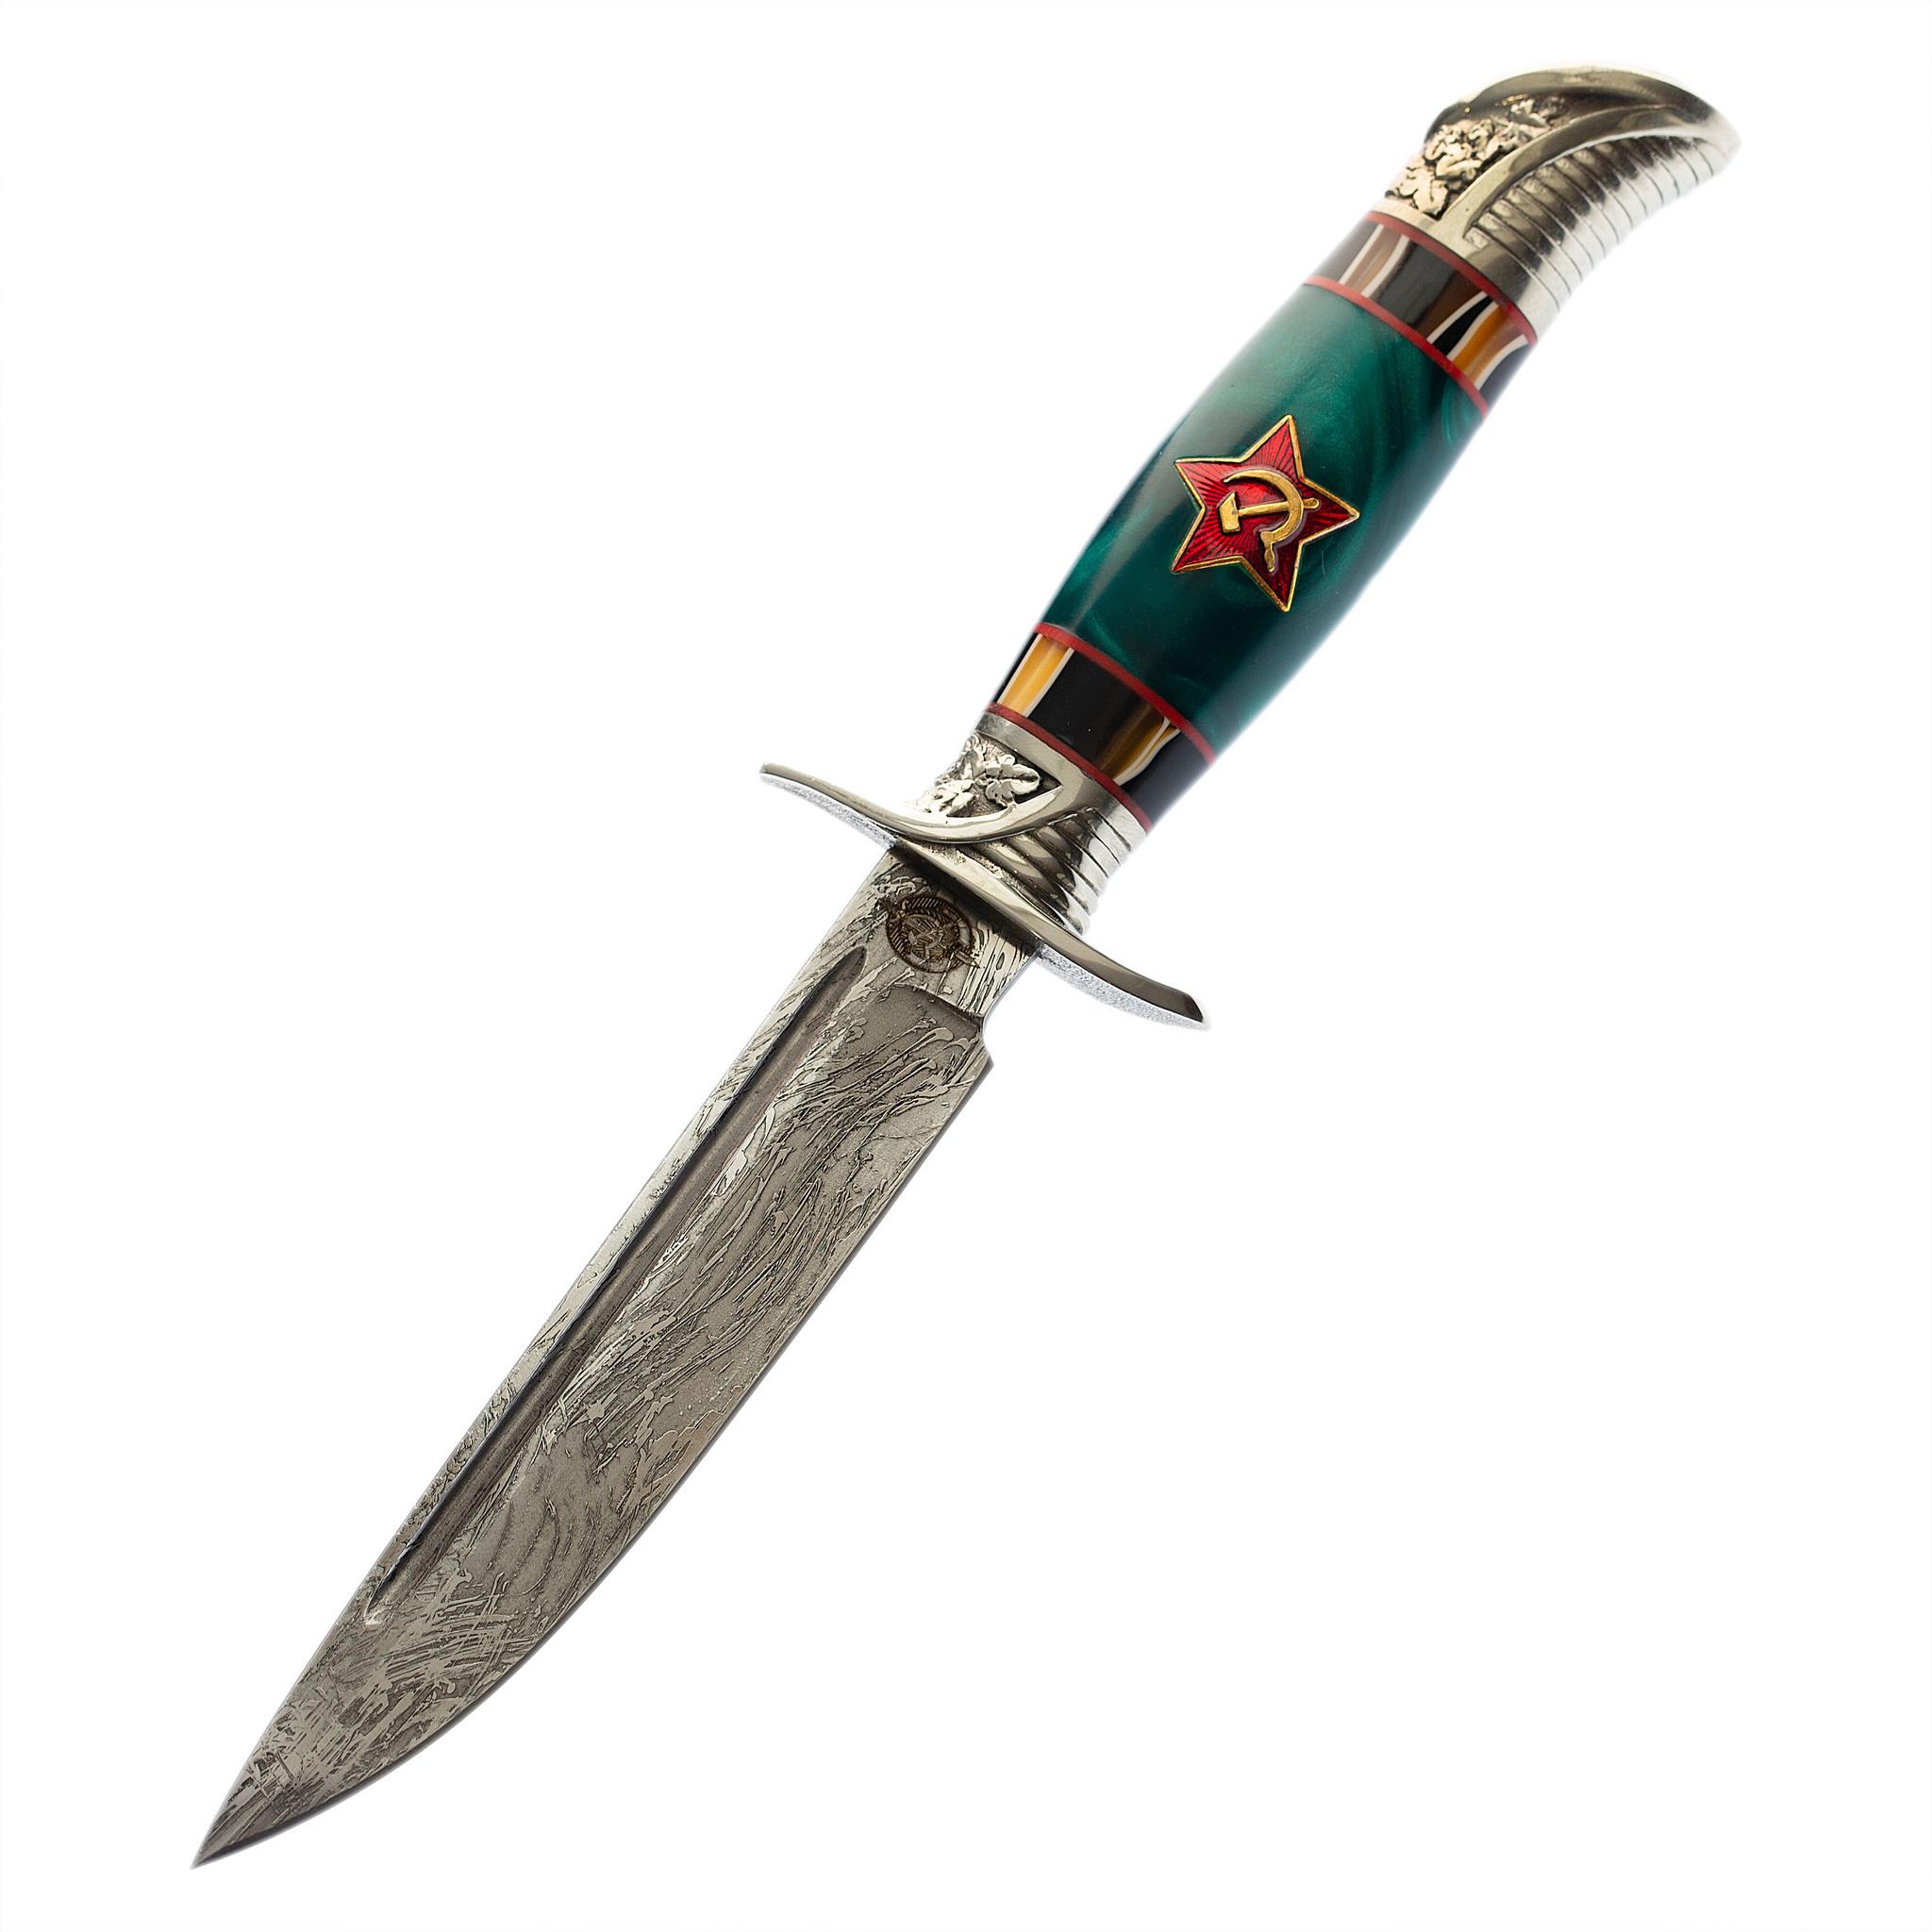 Нож Финка НКВД со звездой, сталь K340, акрил